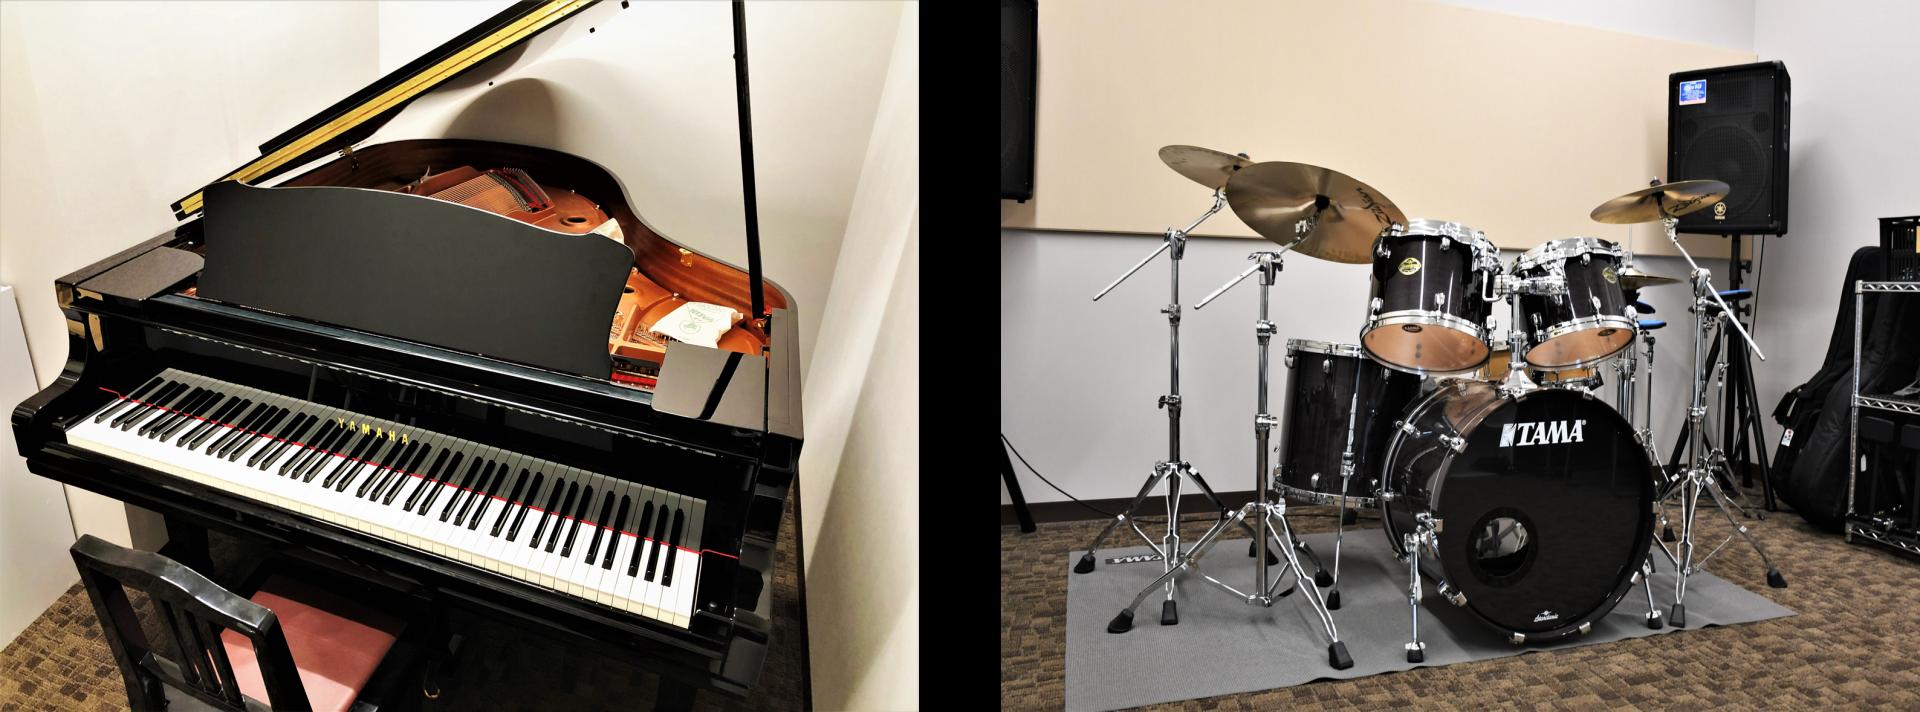 島村楽器アウトレット広島店 音楽教室レッスン室 音楽教室 広島 評判 子供 大人